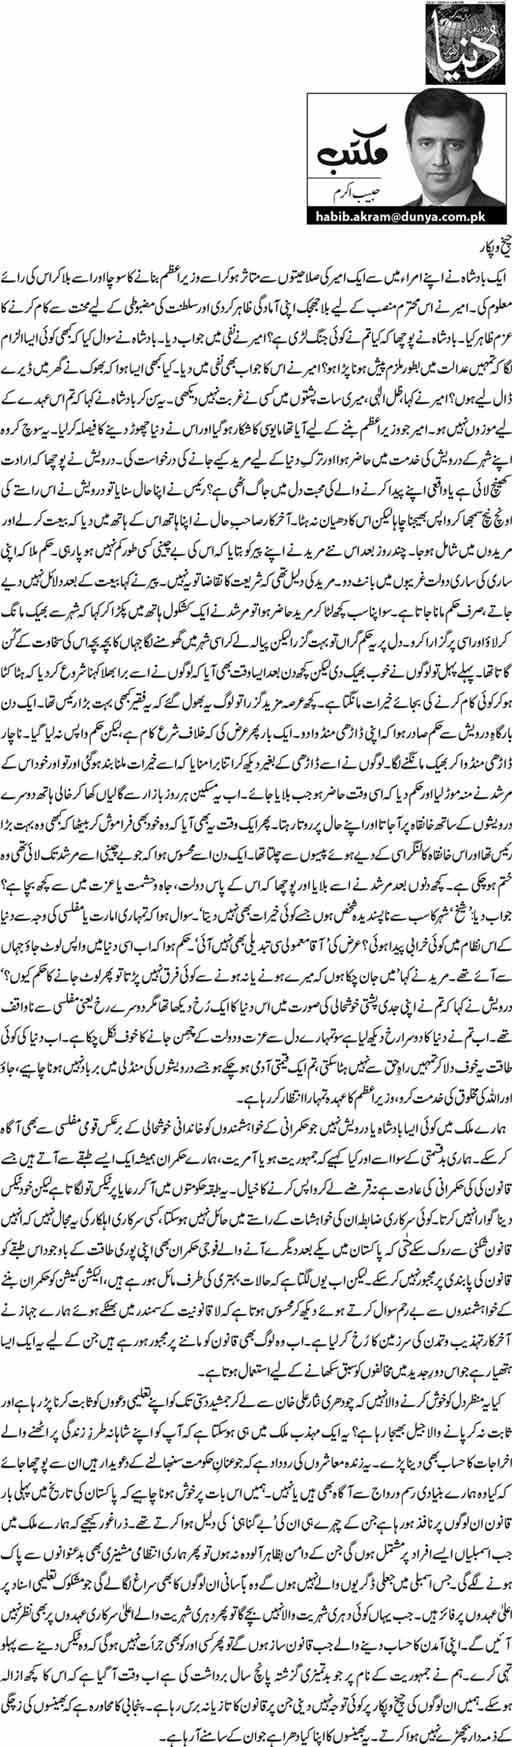 Chiekh o Pukar - Habib Akram